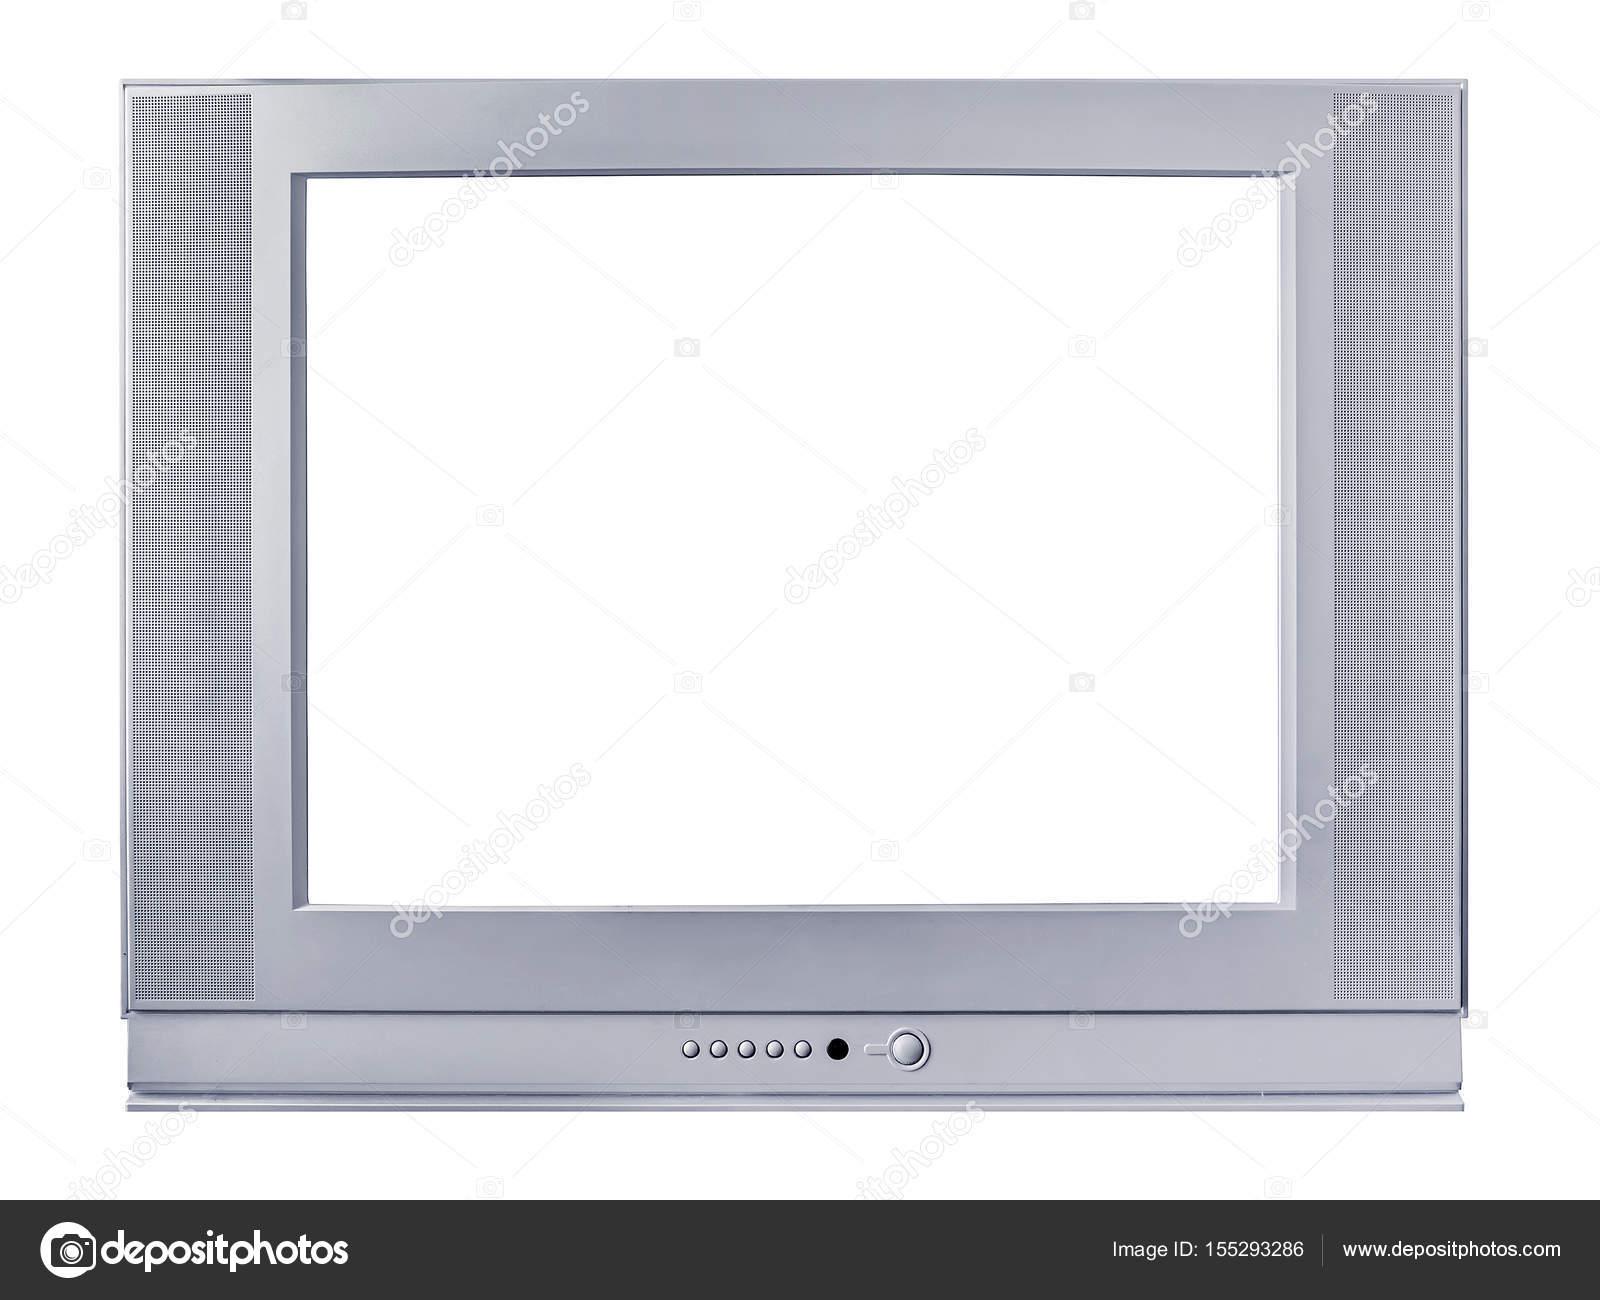 Marco plateado de un televisor sobre un fondo blanco — Fotos de ...